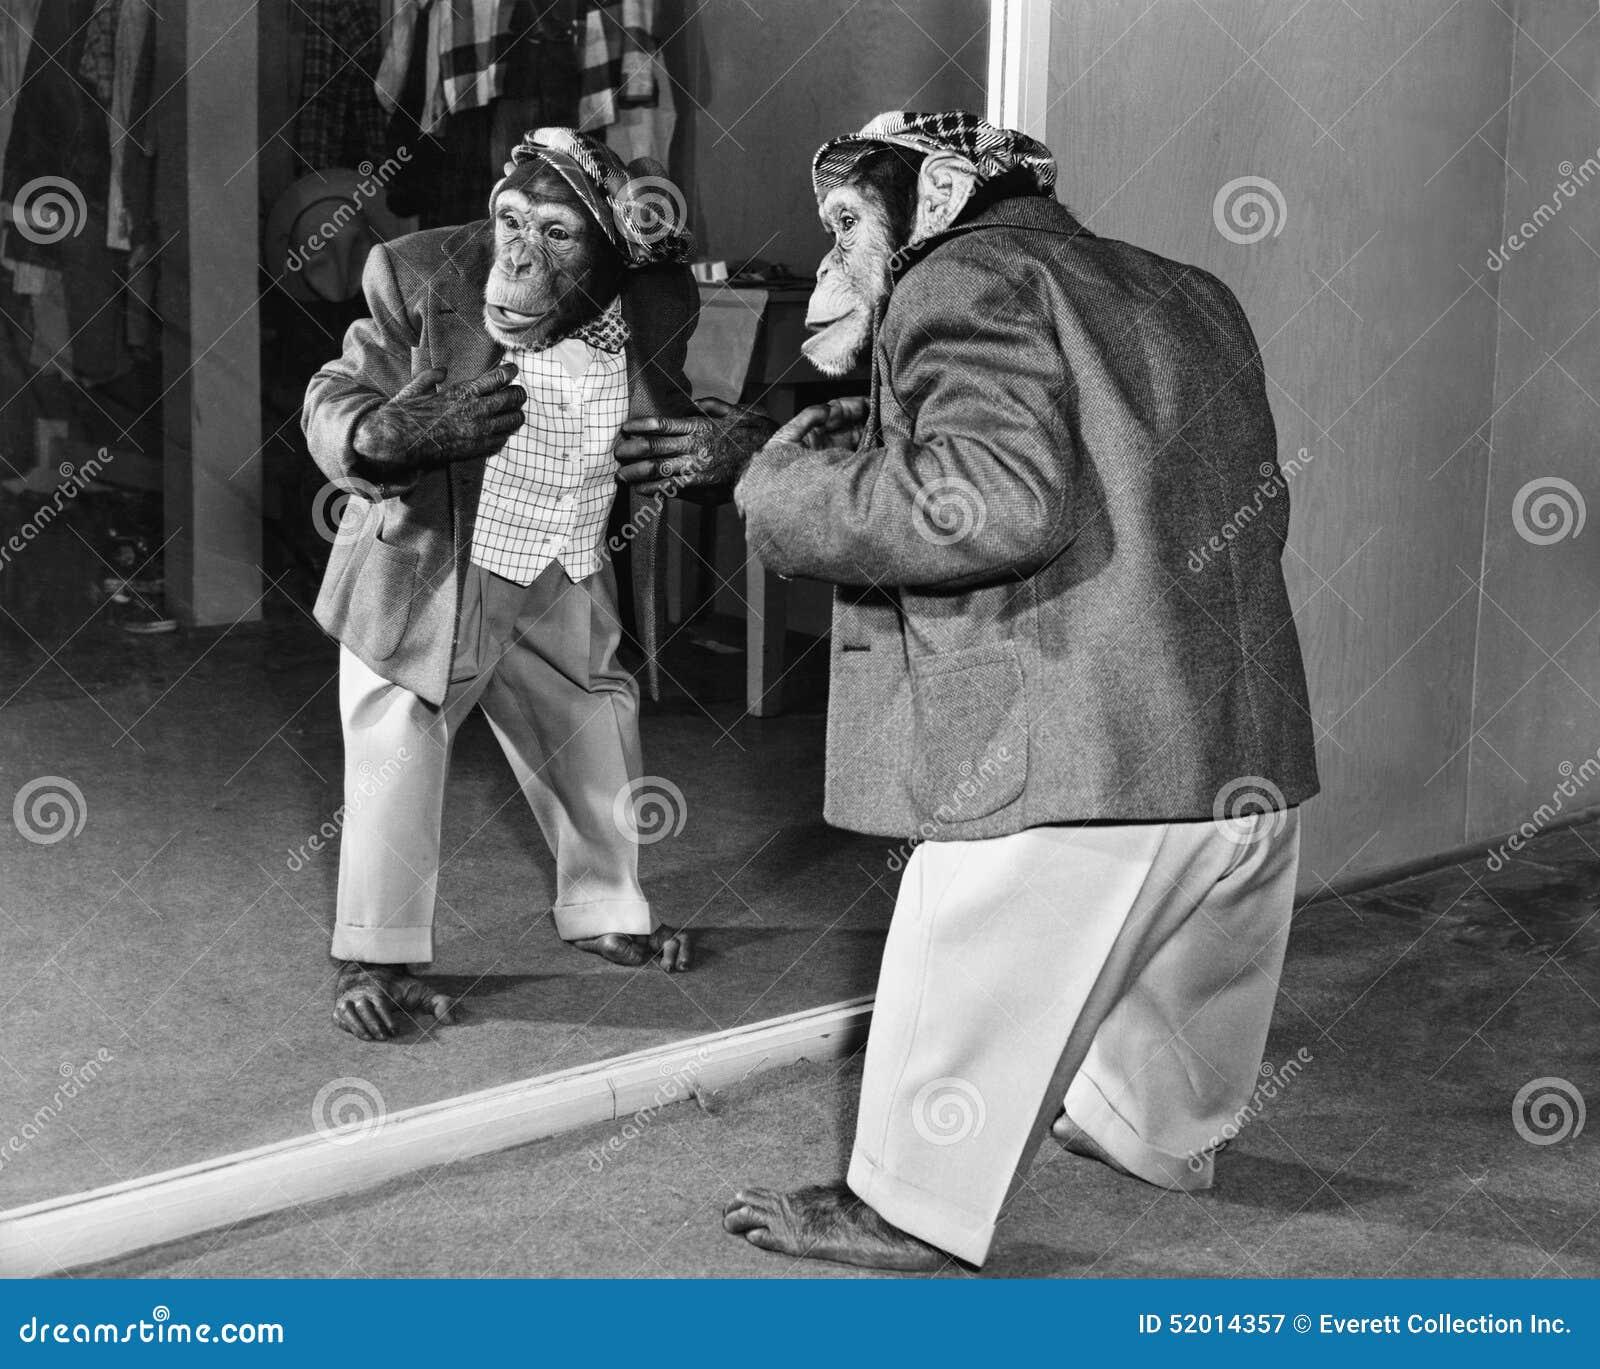 Χιμπατζής σε ένα σακάκι και παντελόνι μπροστά από έναν καθρέφτη (όλα τα πρόσωπα που απεικονίζονται δεν ζουν περισσότερο και κανέν